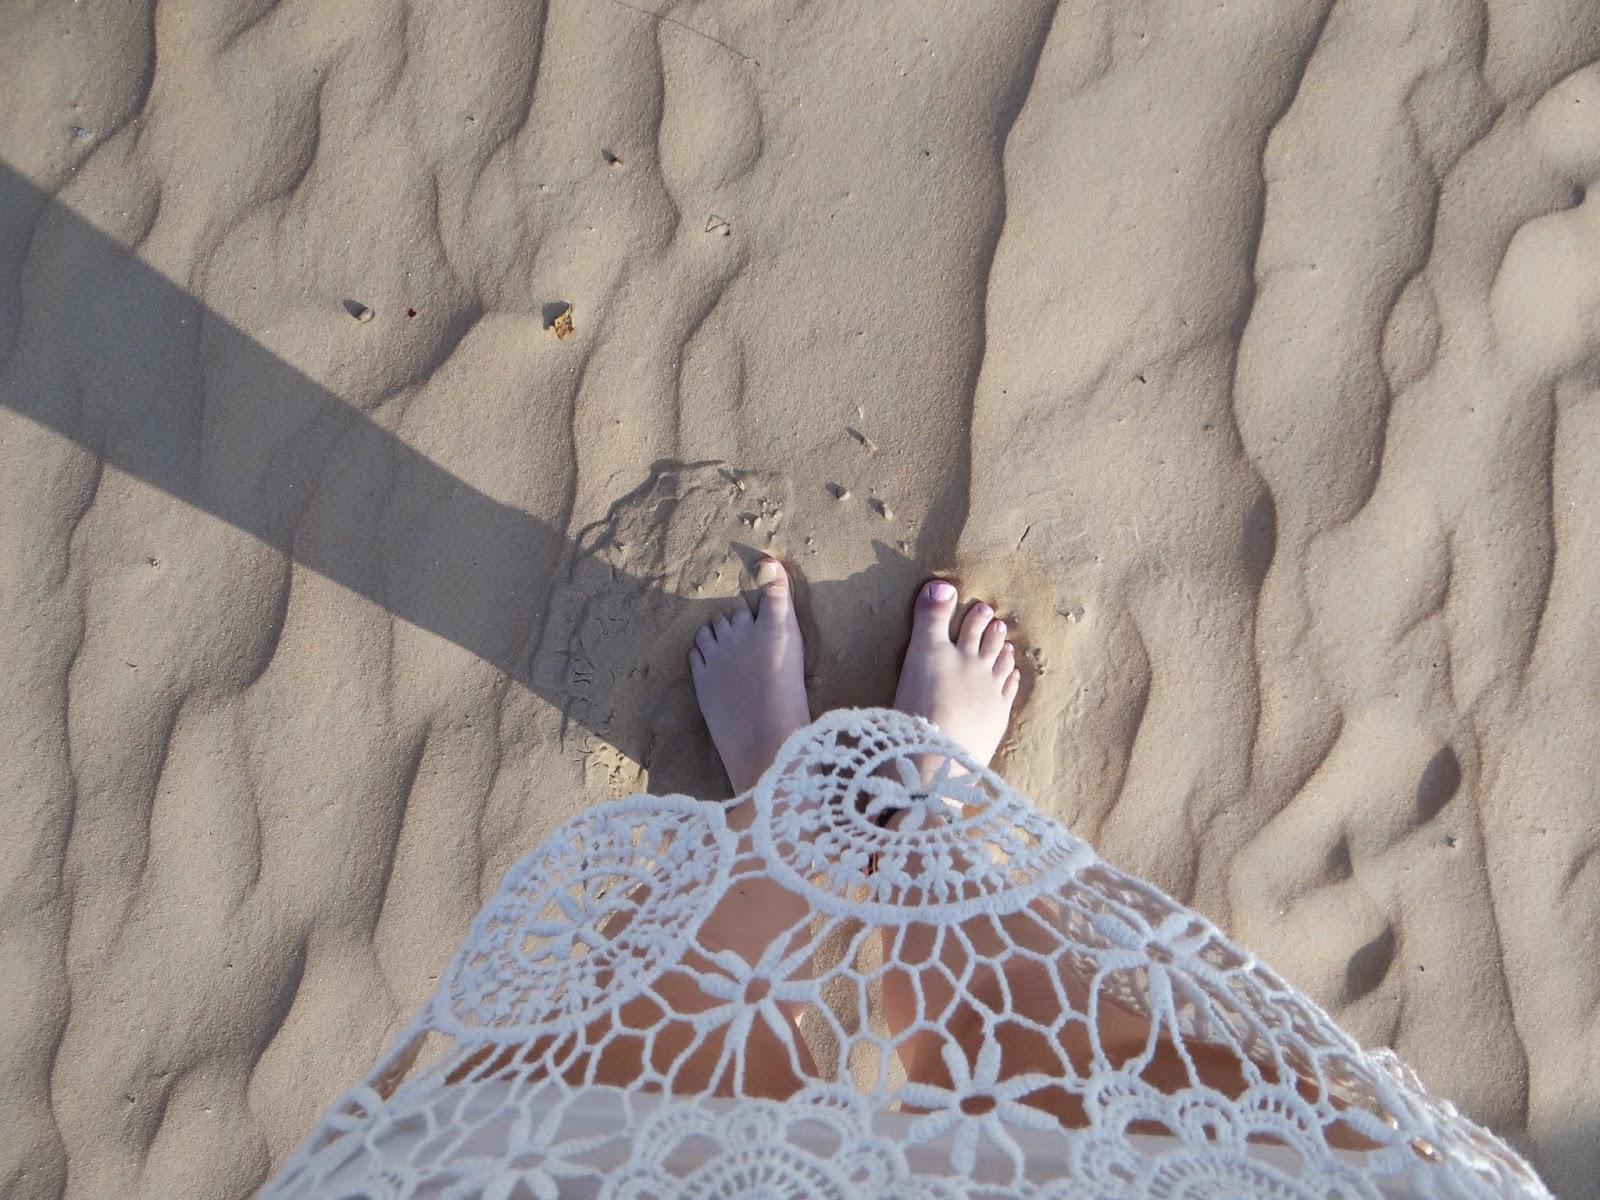 Desert Sand Abu Dhabi